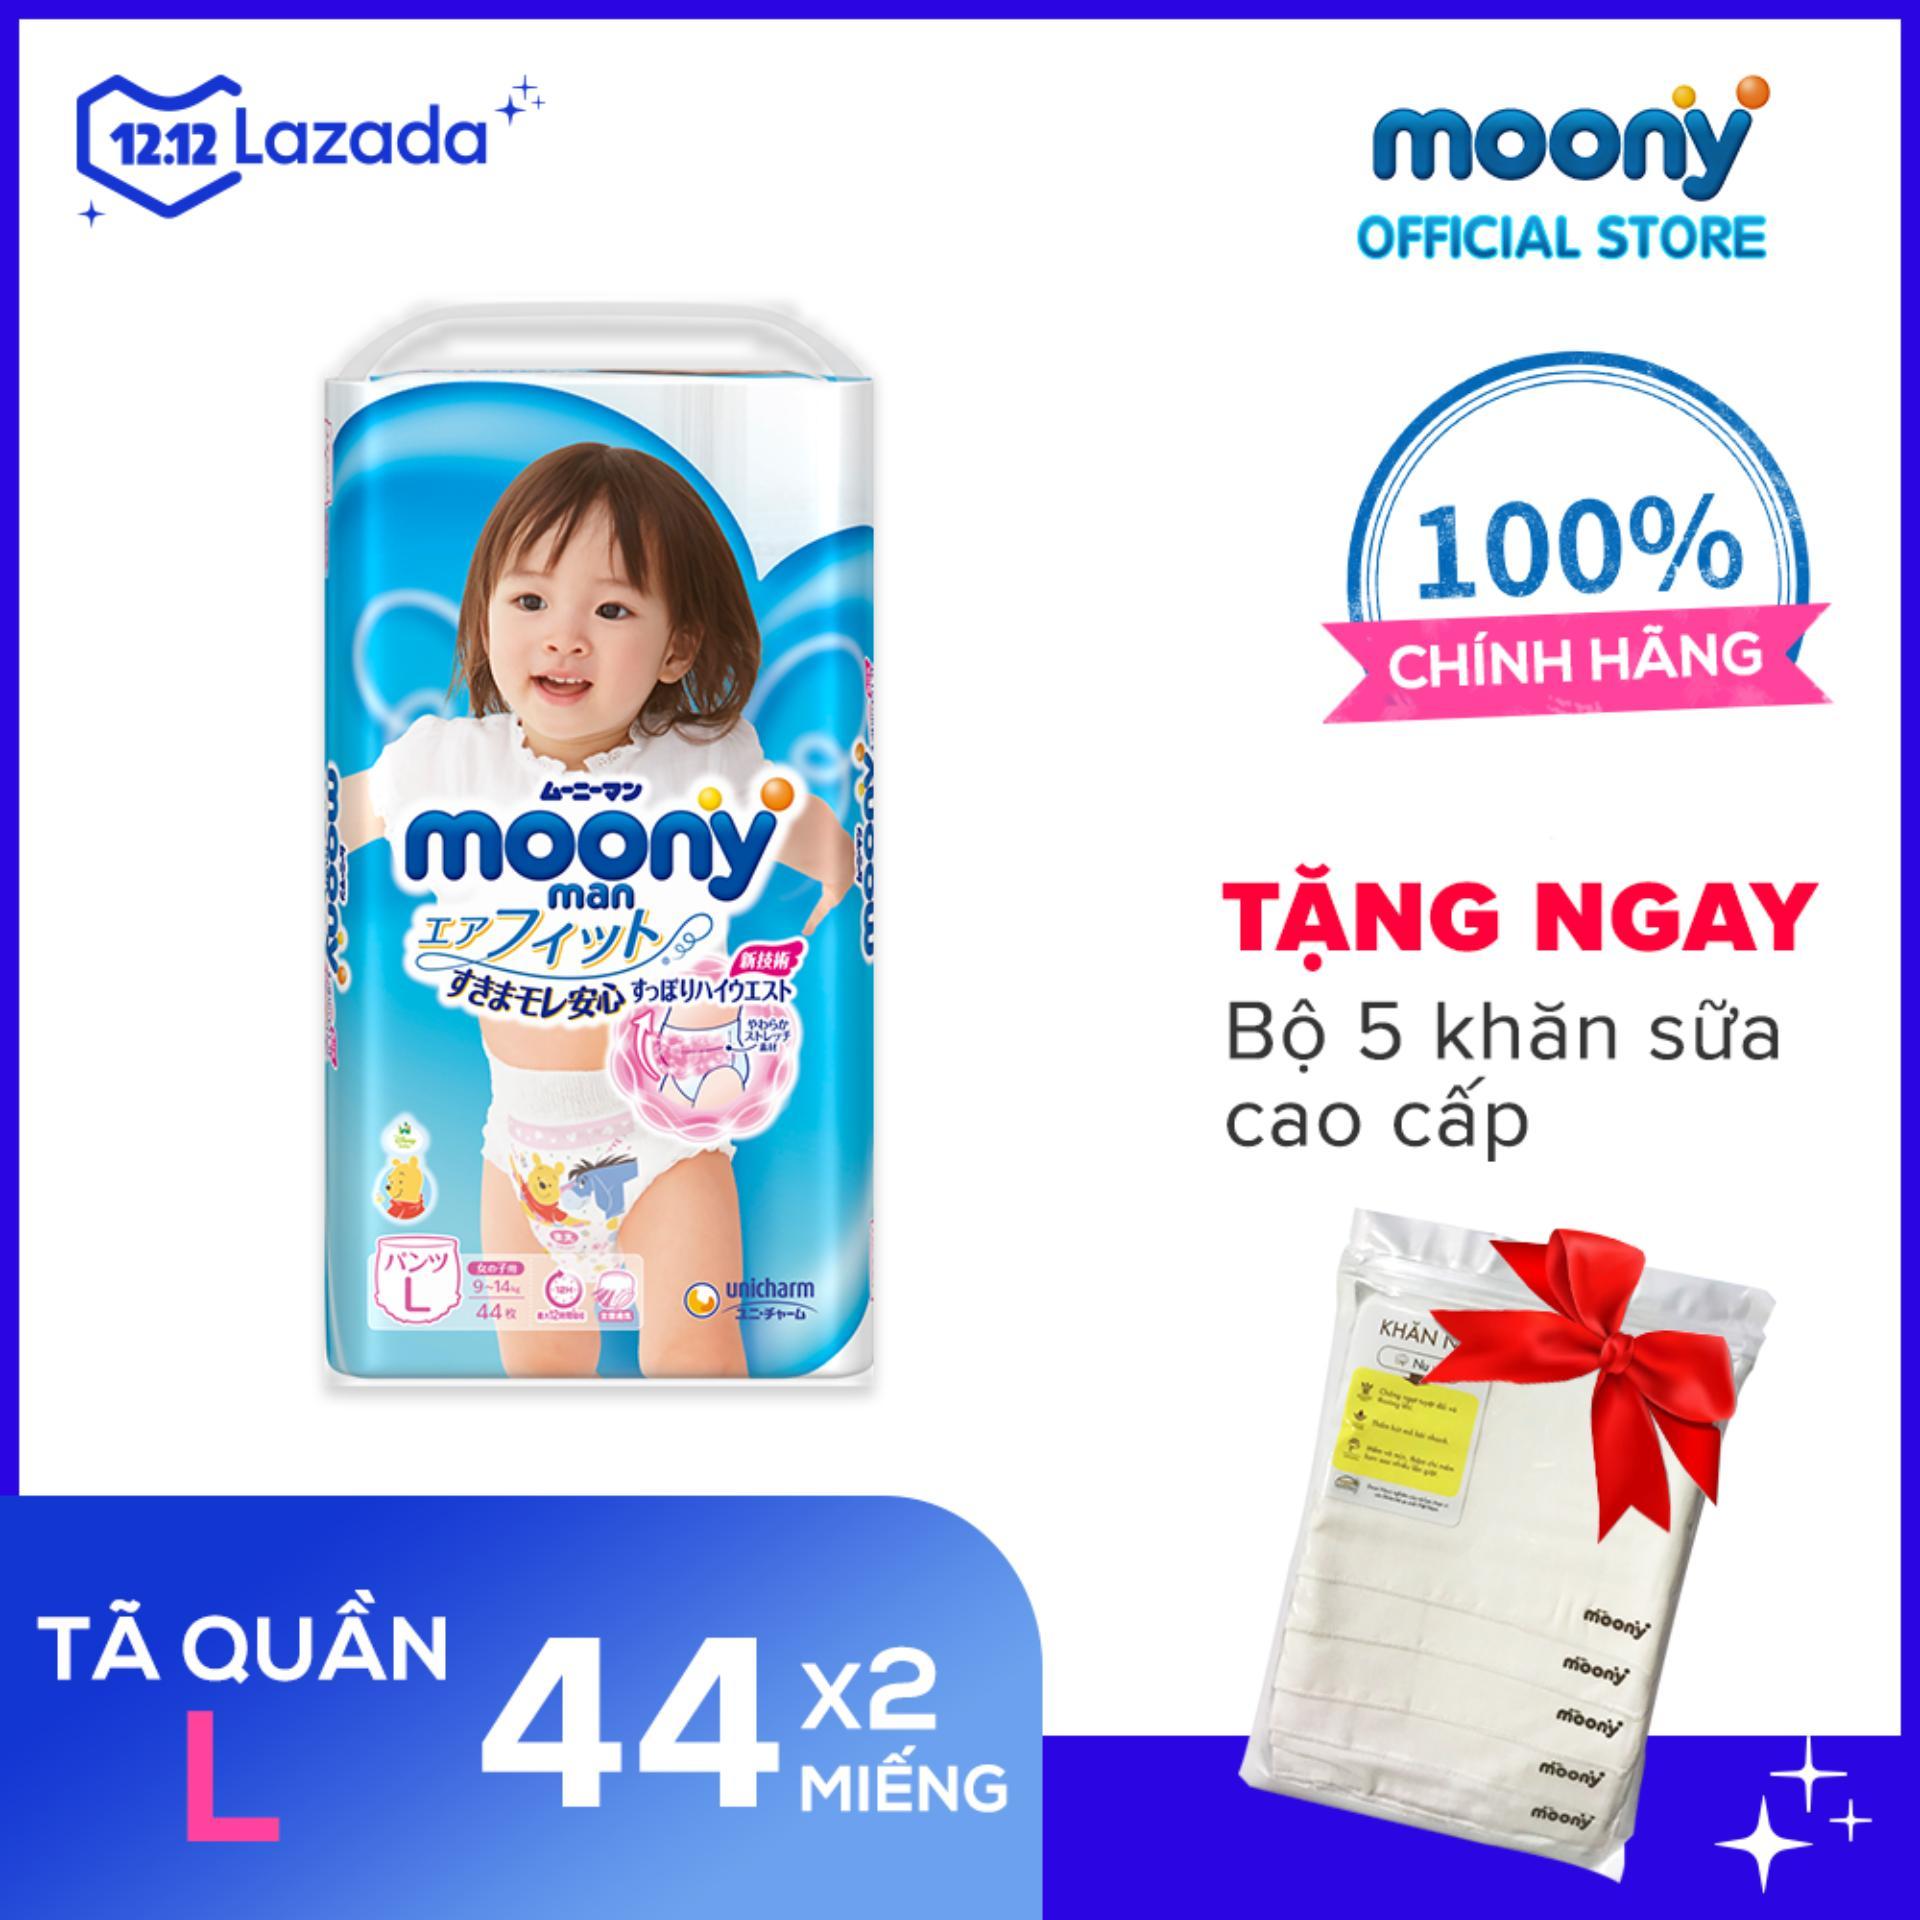 Mã Khuyến Mãi tại Lazada cho [QUÀ TẶNG KÈM] Tã/bỉm Quần Moony L - 44 Miếng Dành Cho Bé Gái - Tặng Set 5 Khăn Sữa Cho Bé